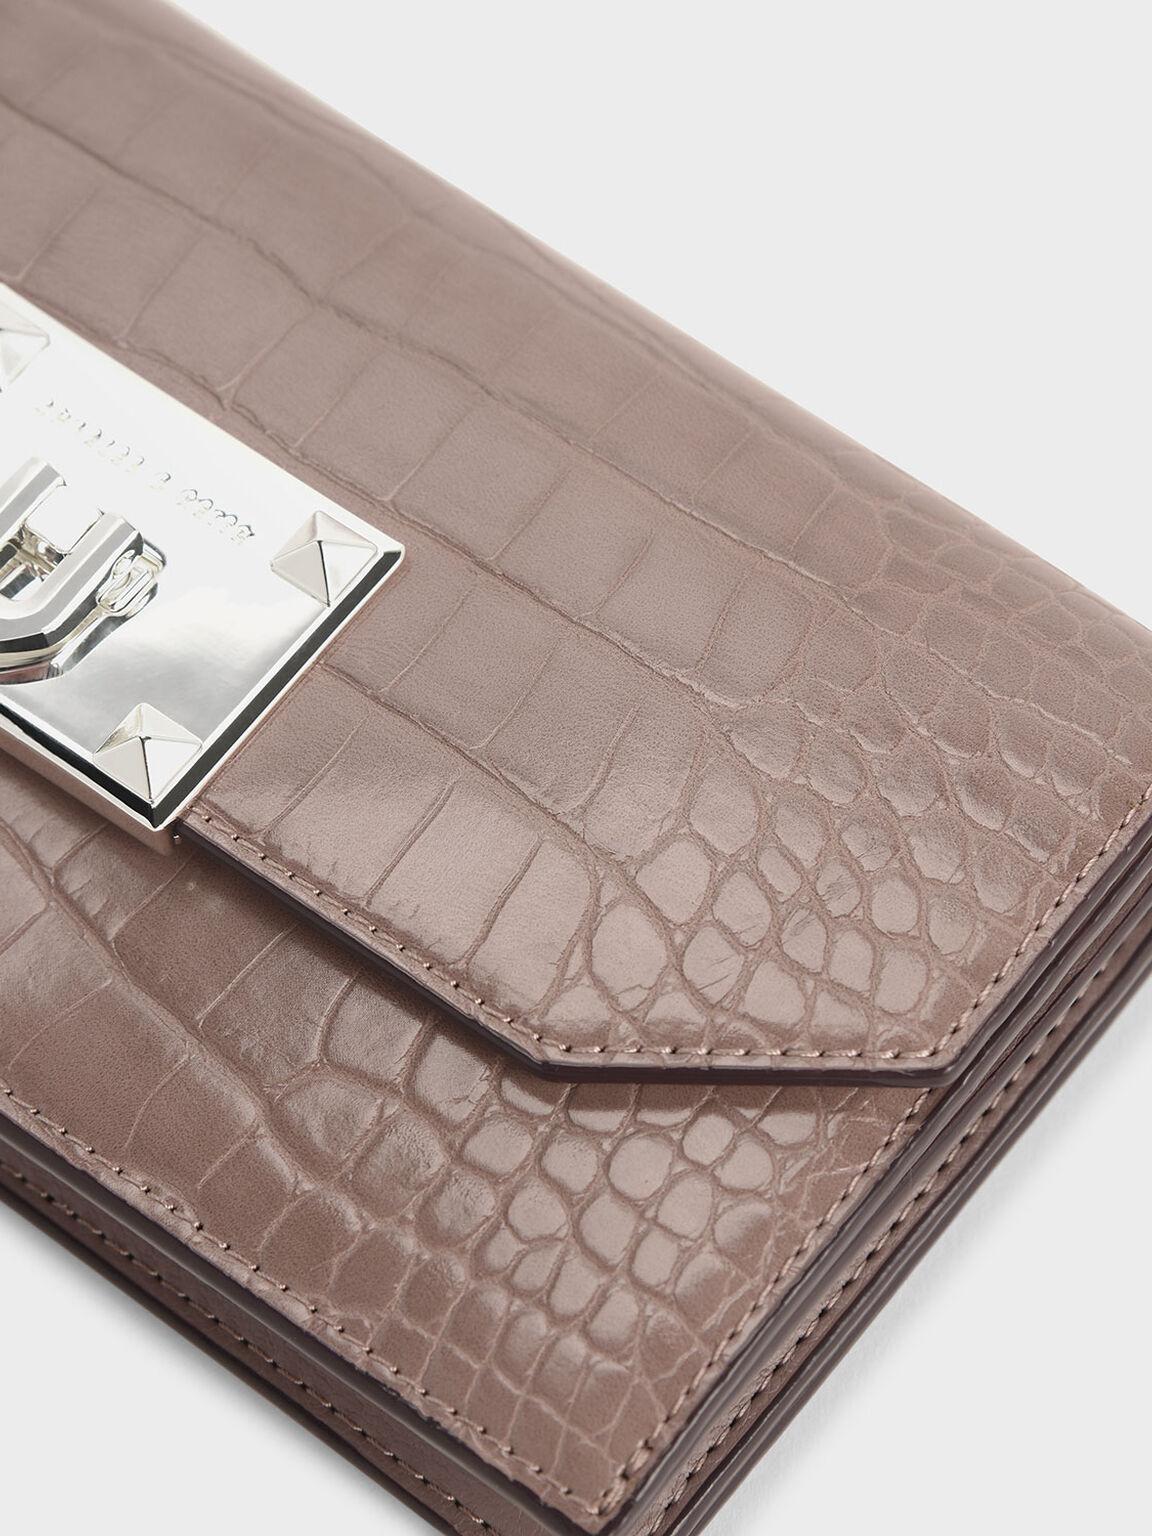 Croc-Effect Push Lock Flap Wallet, Mauve, hi-res